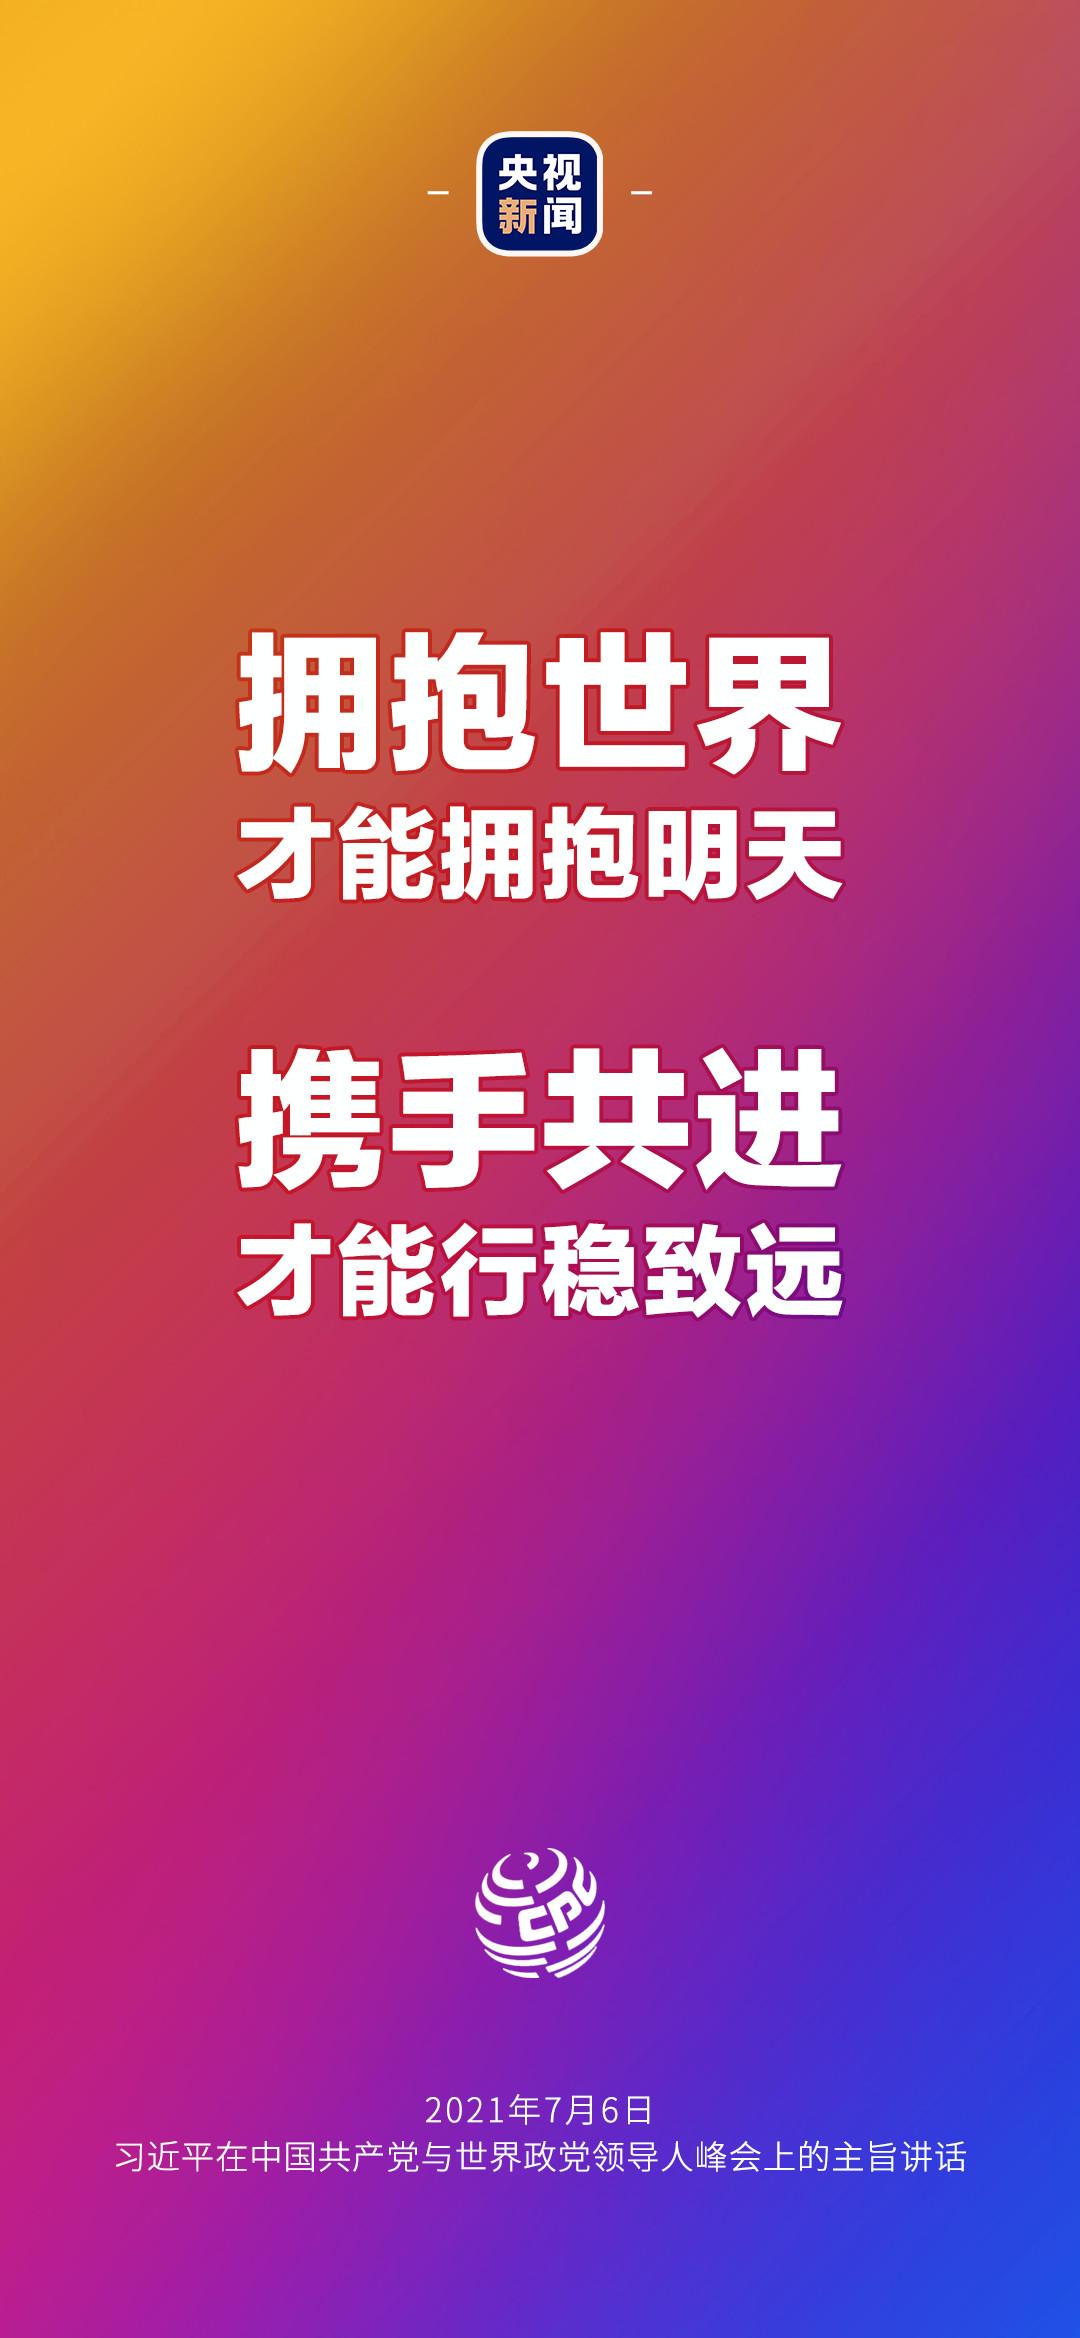 2021年7月7日金句来了!习近平:发展是世界各国的权利,而不是少数国家的专利